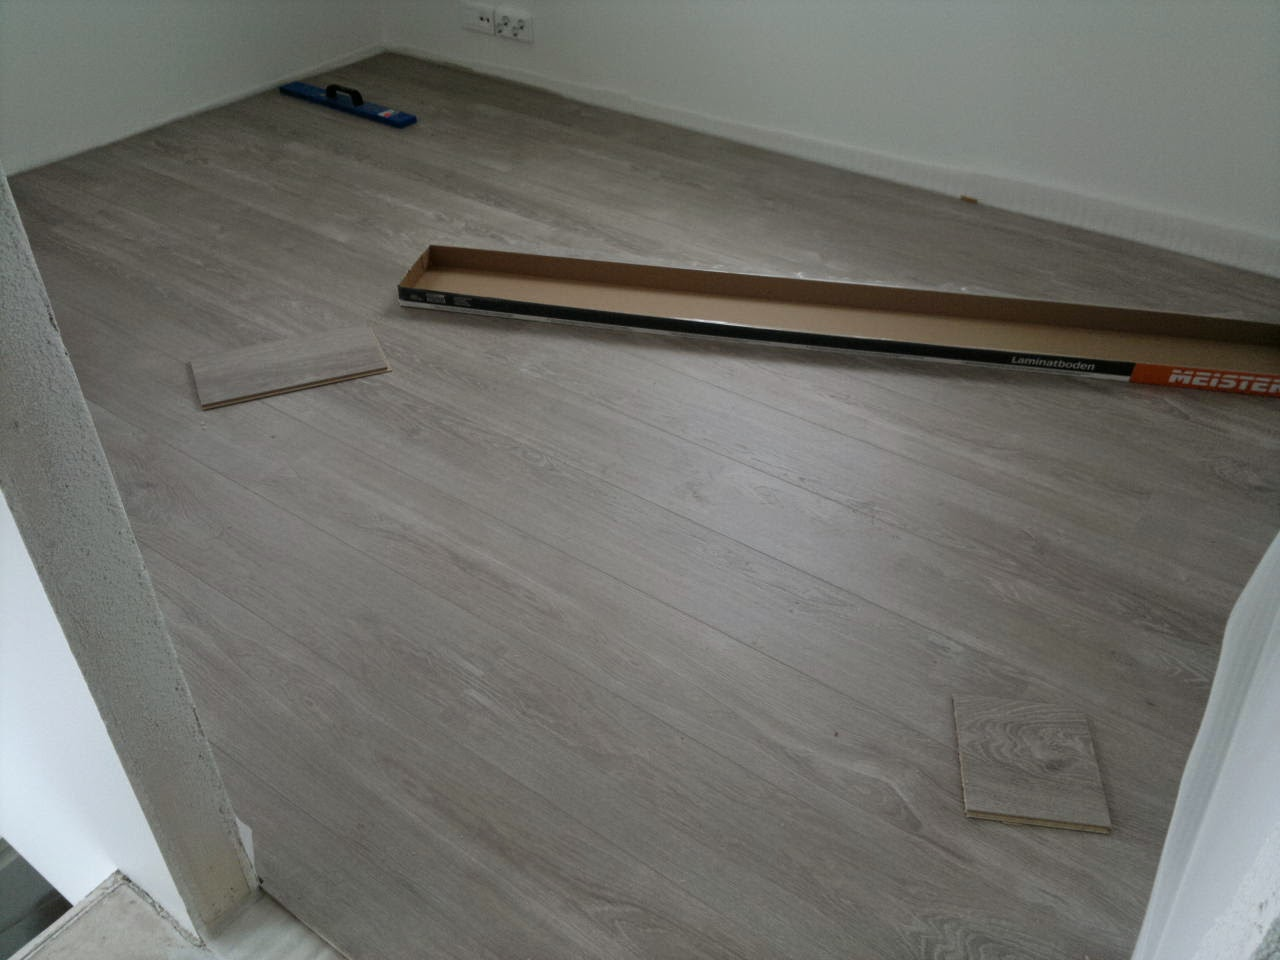 Lankkumainen lattia saatiin aikaan Meister LD 300 reunaviistetyllä lankkulaminaatilla.